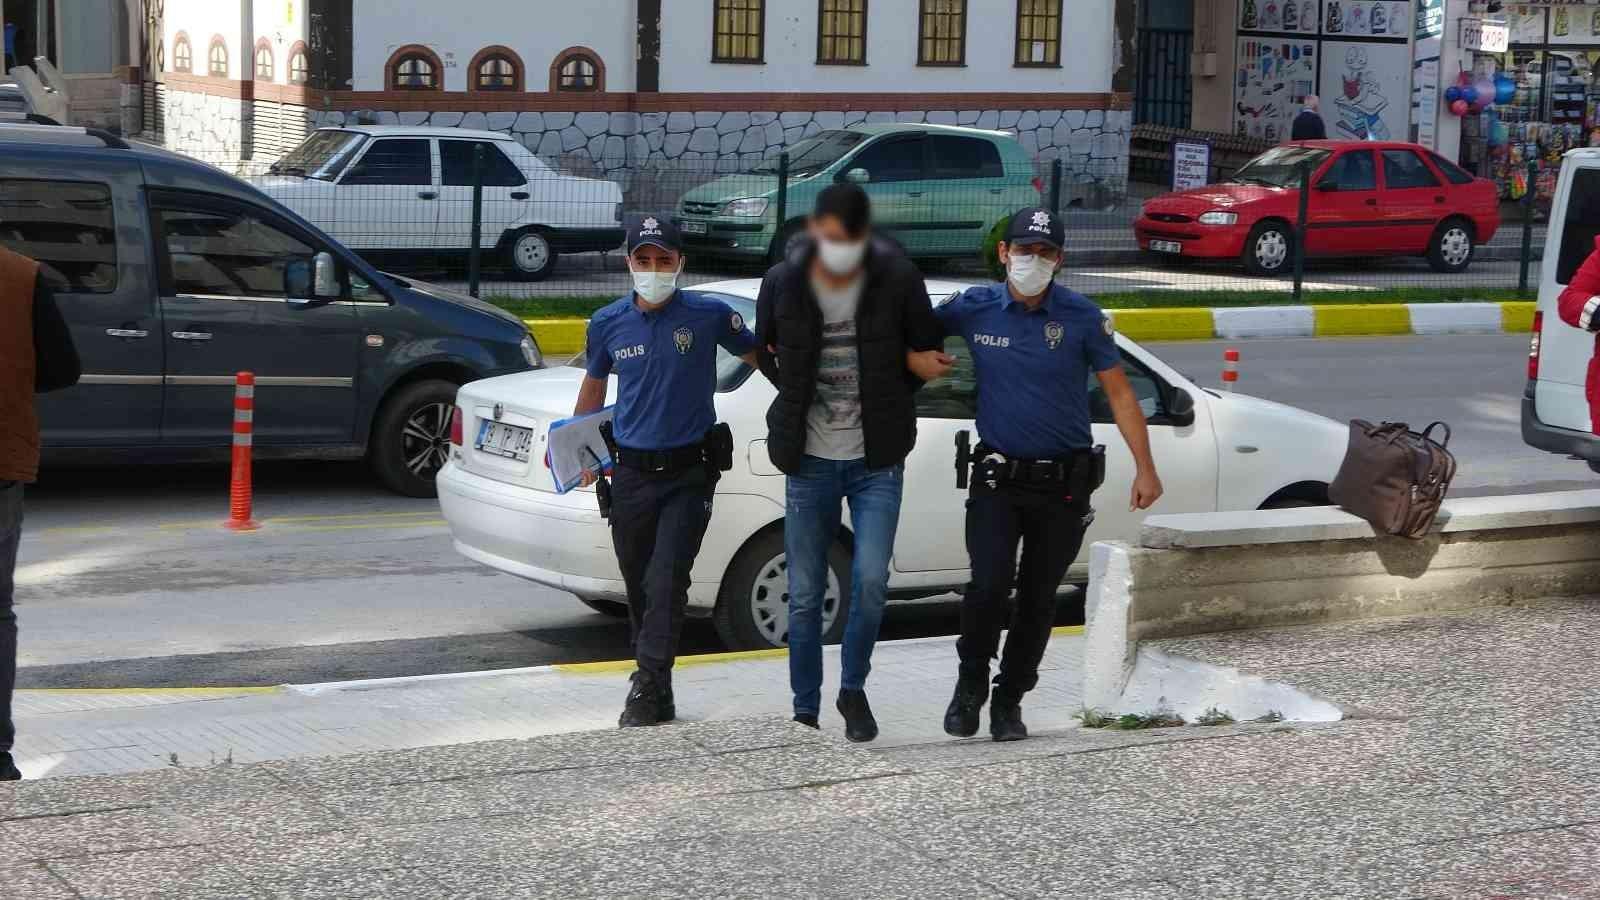 Çorum'da 5 motosiklet çaldığı iddia edilen zanlı adliyeye sevk edildi #corum